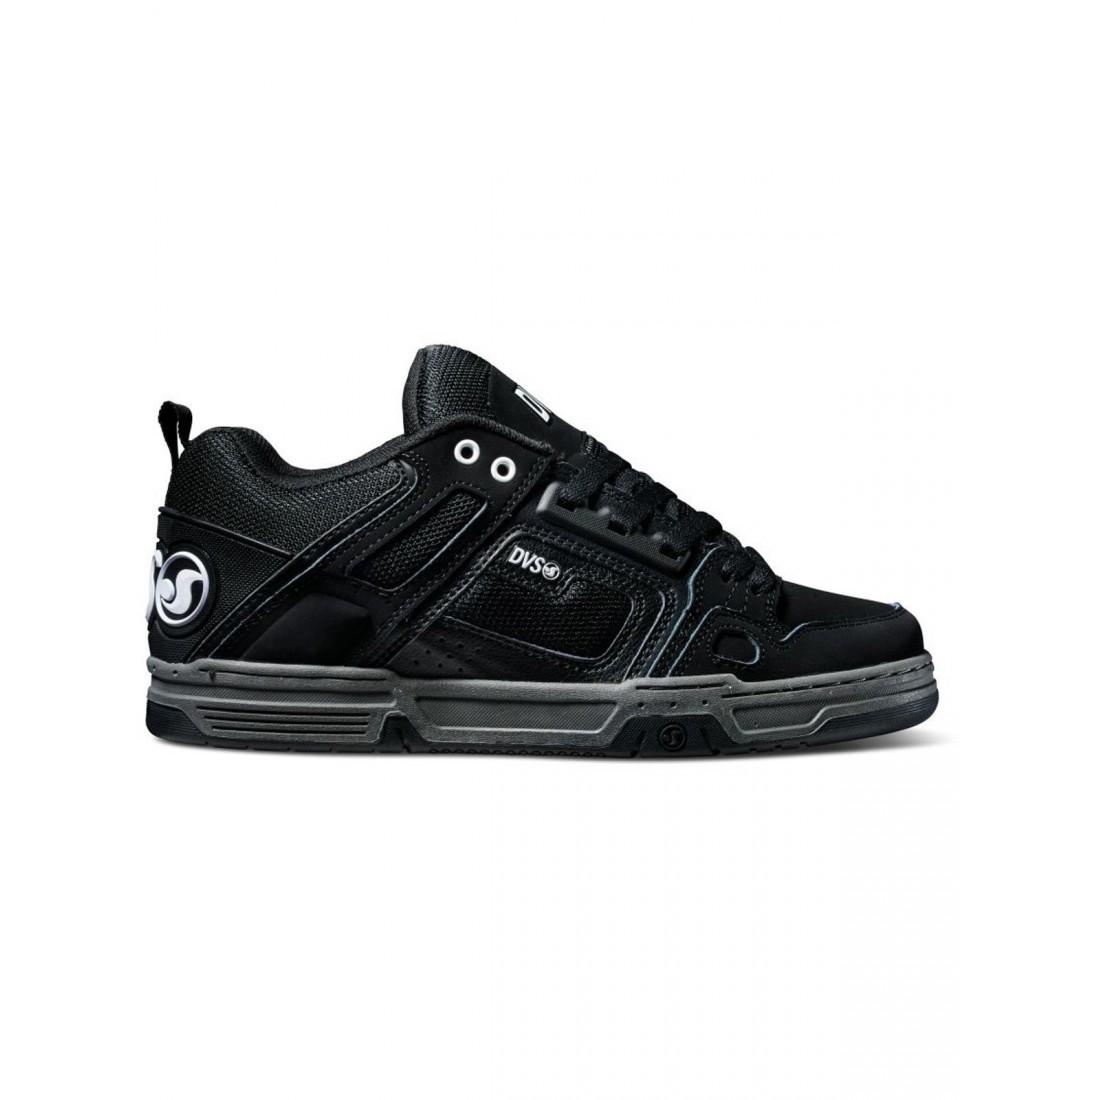 COMANCHE black black leather